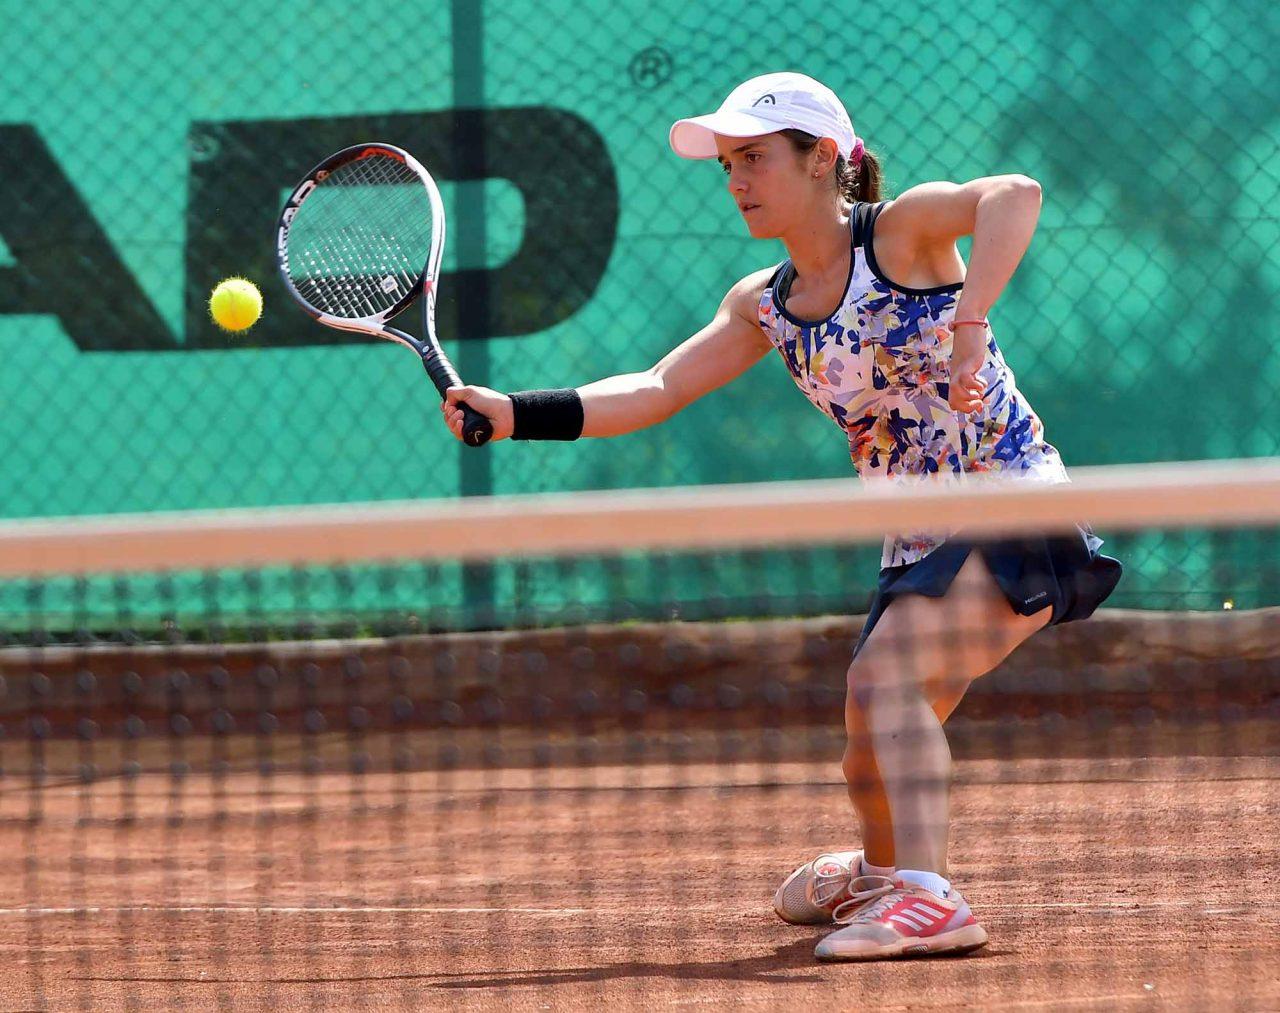 Държавно първенство тенис до 14 год. ТК 15-40 финал (30)